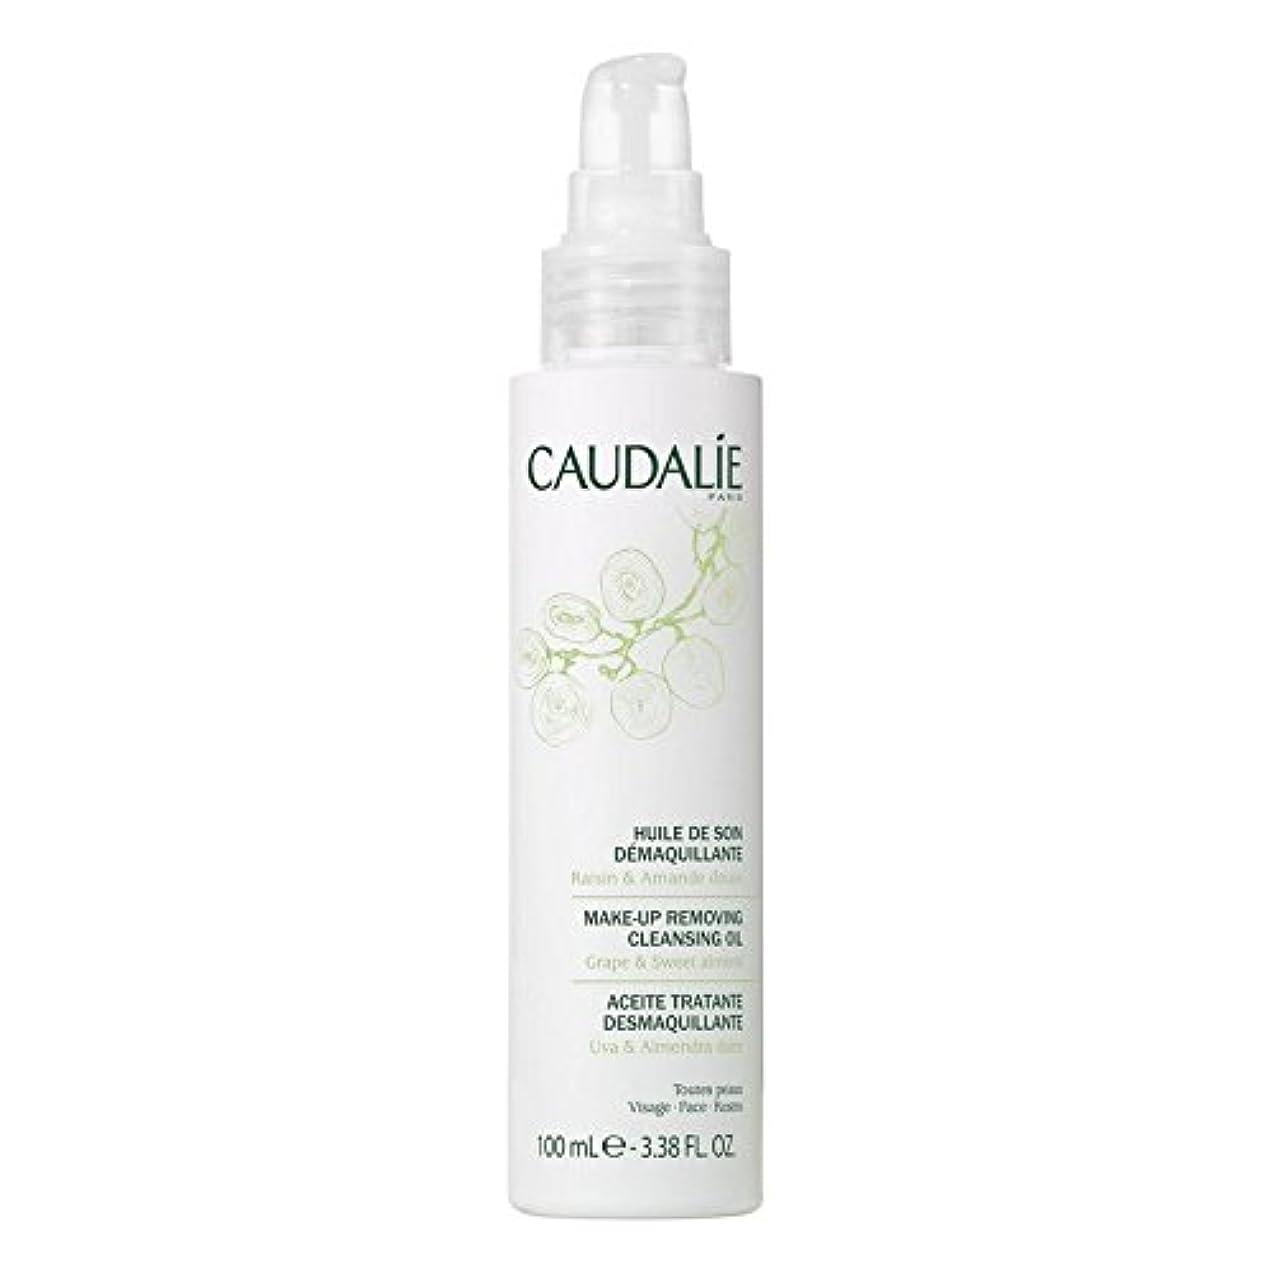 フルーツ野菜近代化する腕Caudalie Make-Up Removing Cleansing Oil 100ml (Pack of 6) - コーダリーは、メイクアップクレンジングオイル100ミリリットルを削除します x6 [並行輸入品]